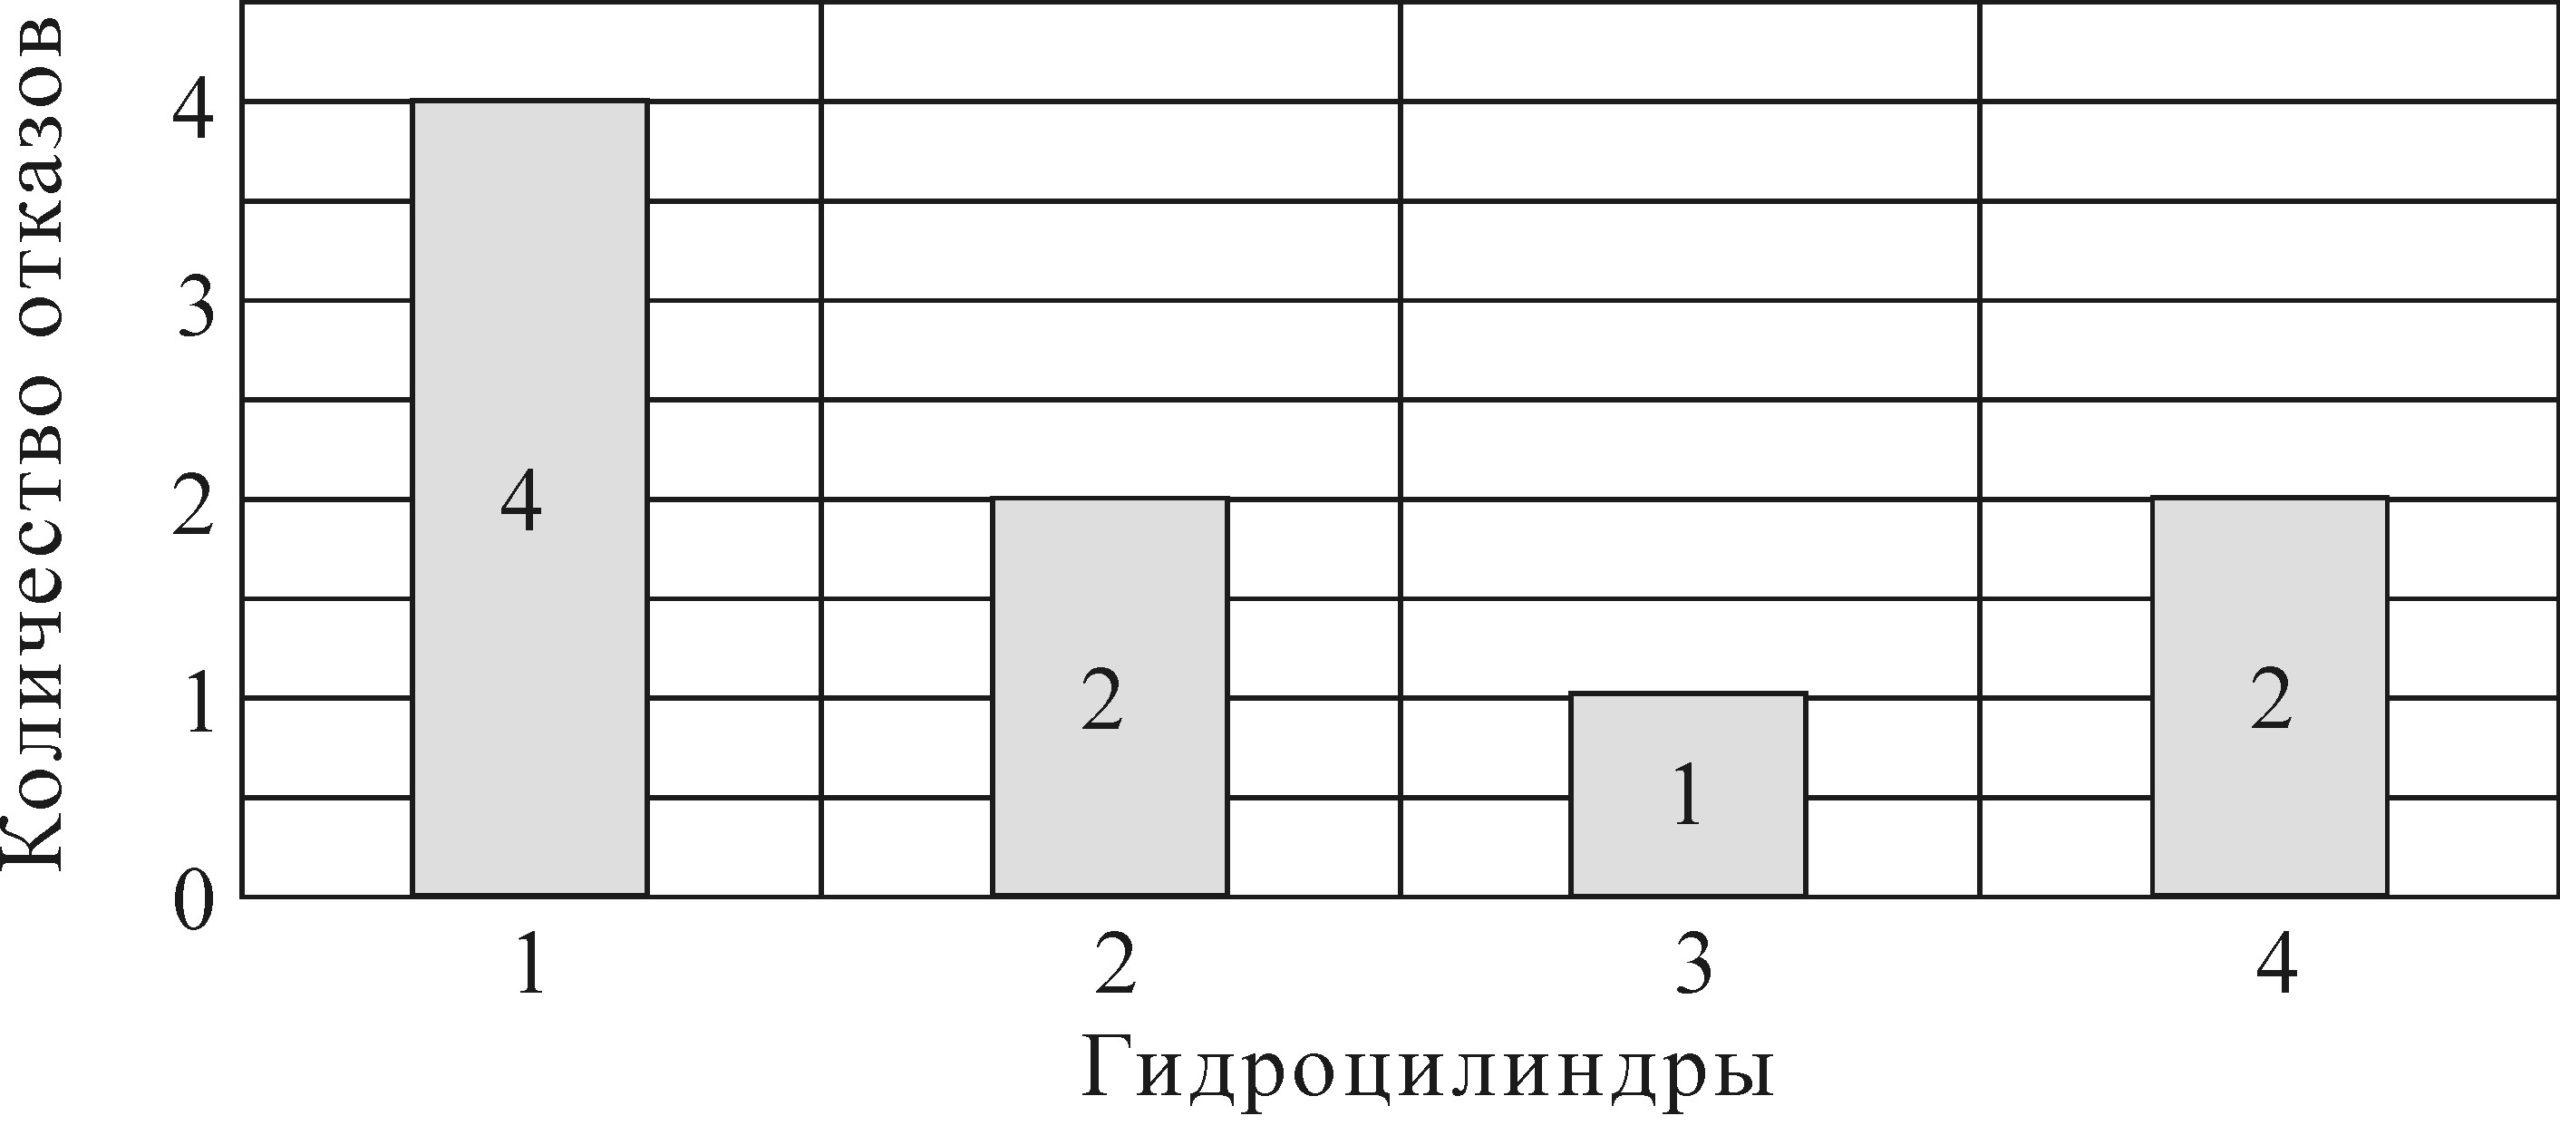 Рисунок 6 – Гистограмма отказов по гидроцилиндрам продольного перемещения холодильника